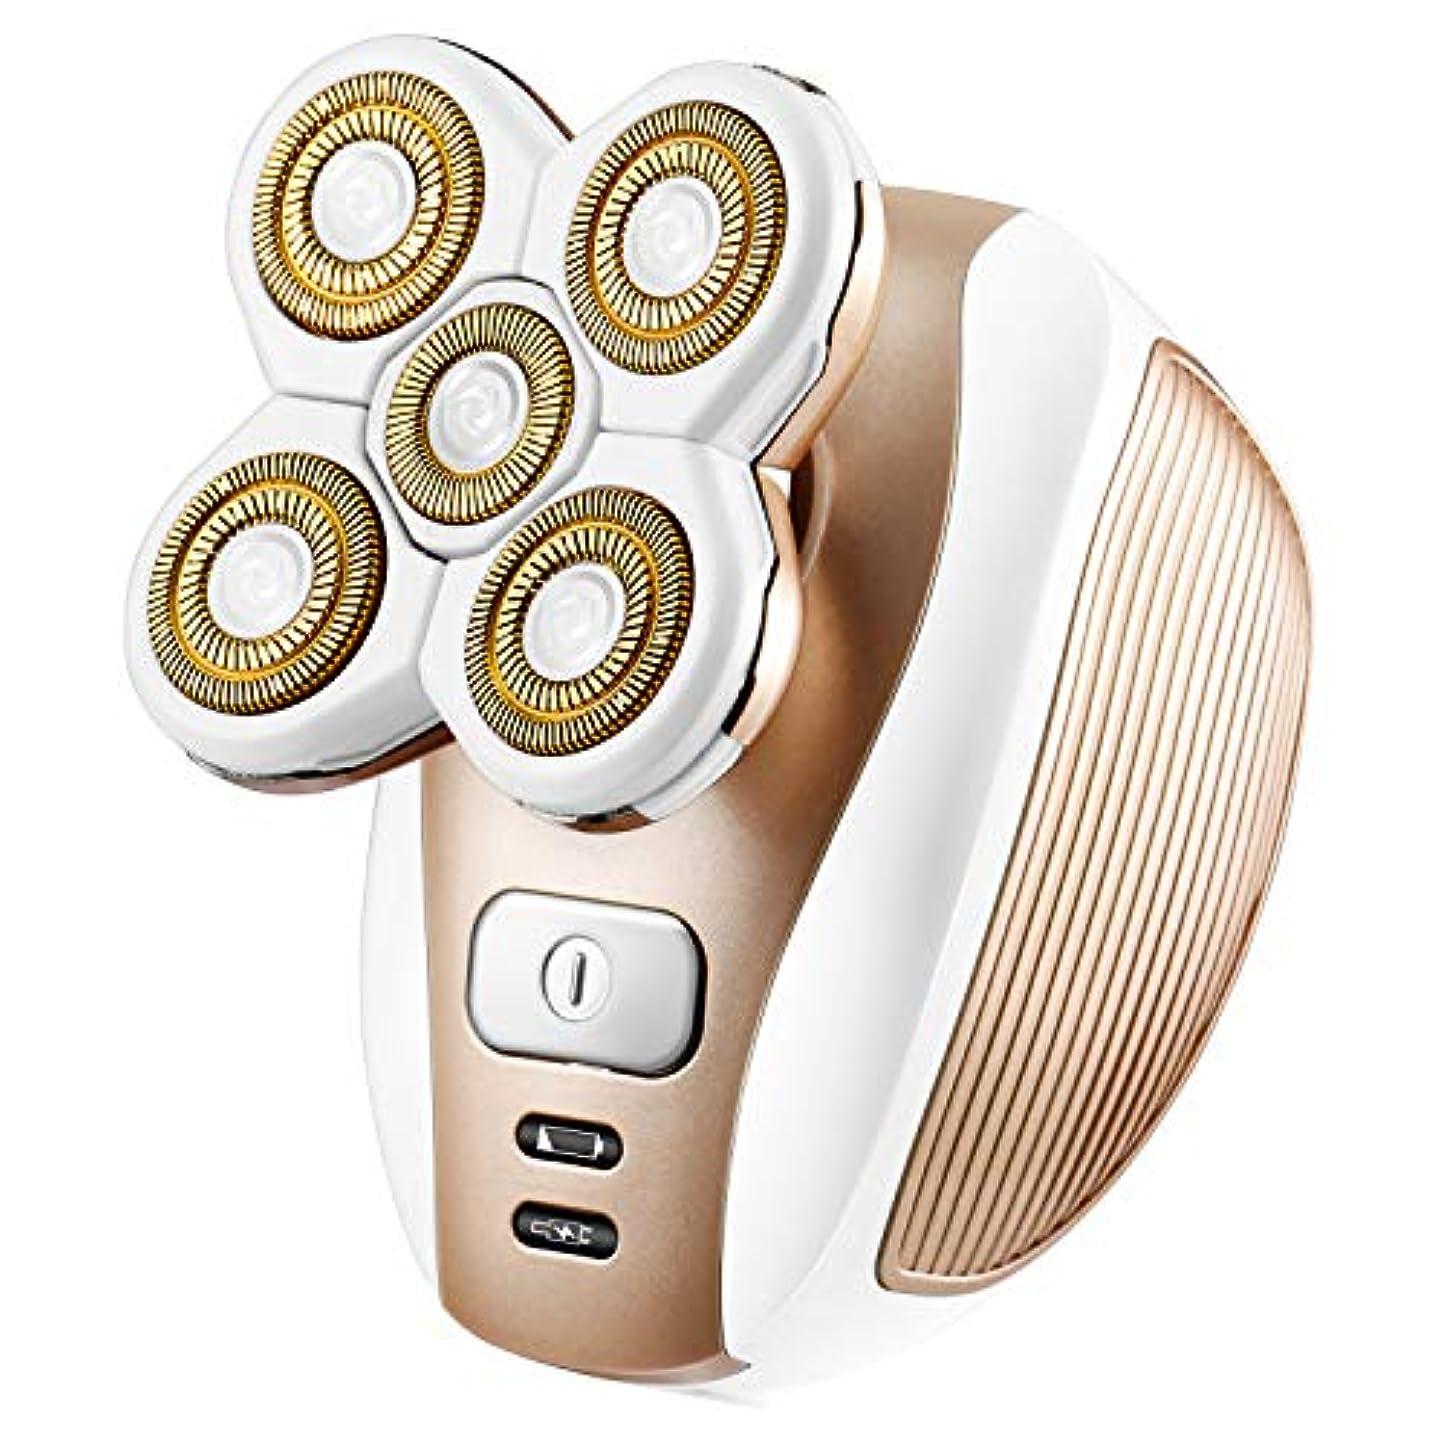 砂漠触覚傾向Magicfly レディースシェーバー(女性用 電気脱毛器) USB充電式 携帯用 防水 ゴルード